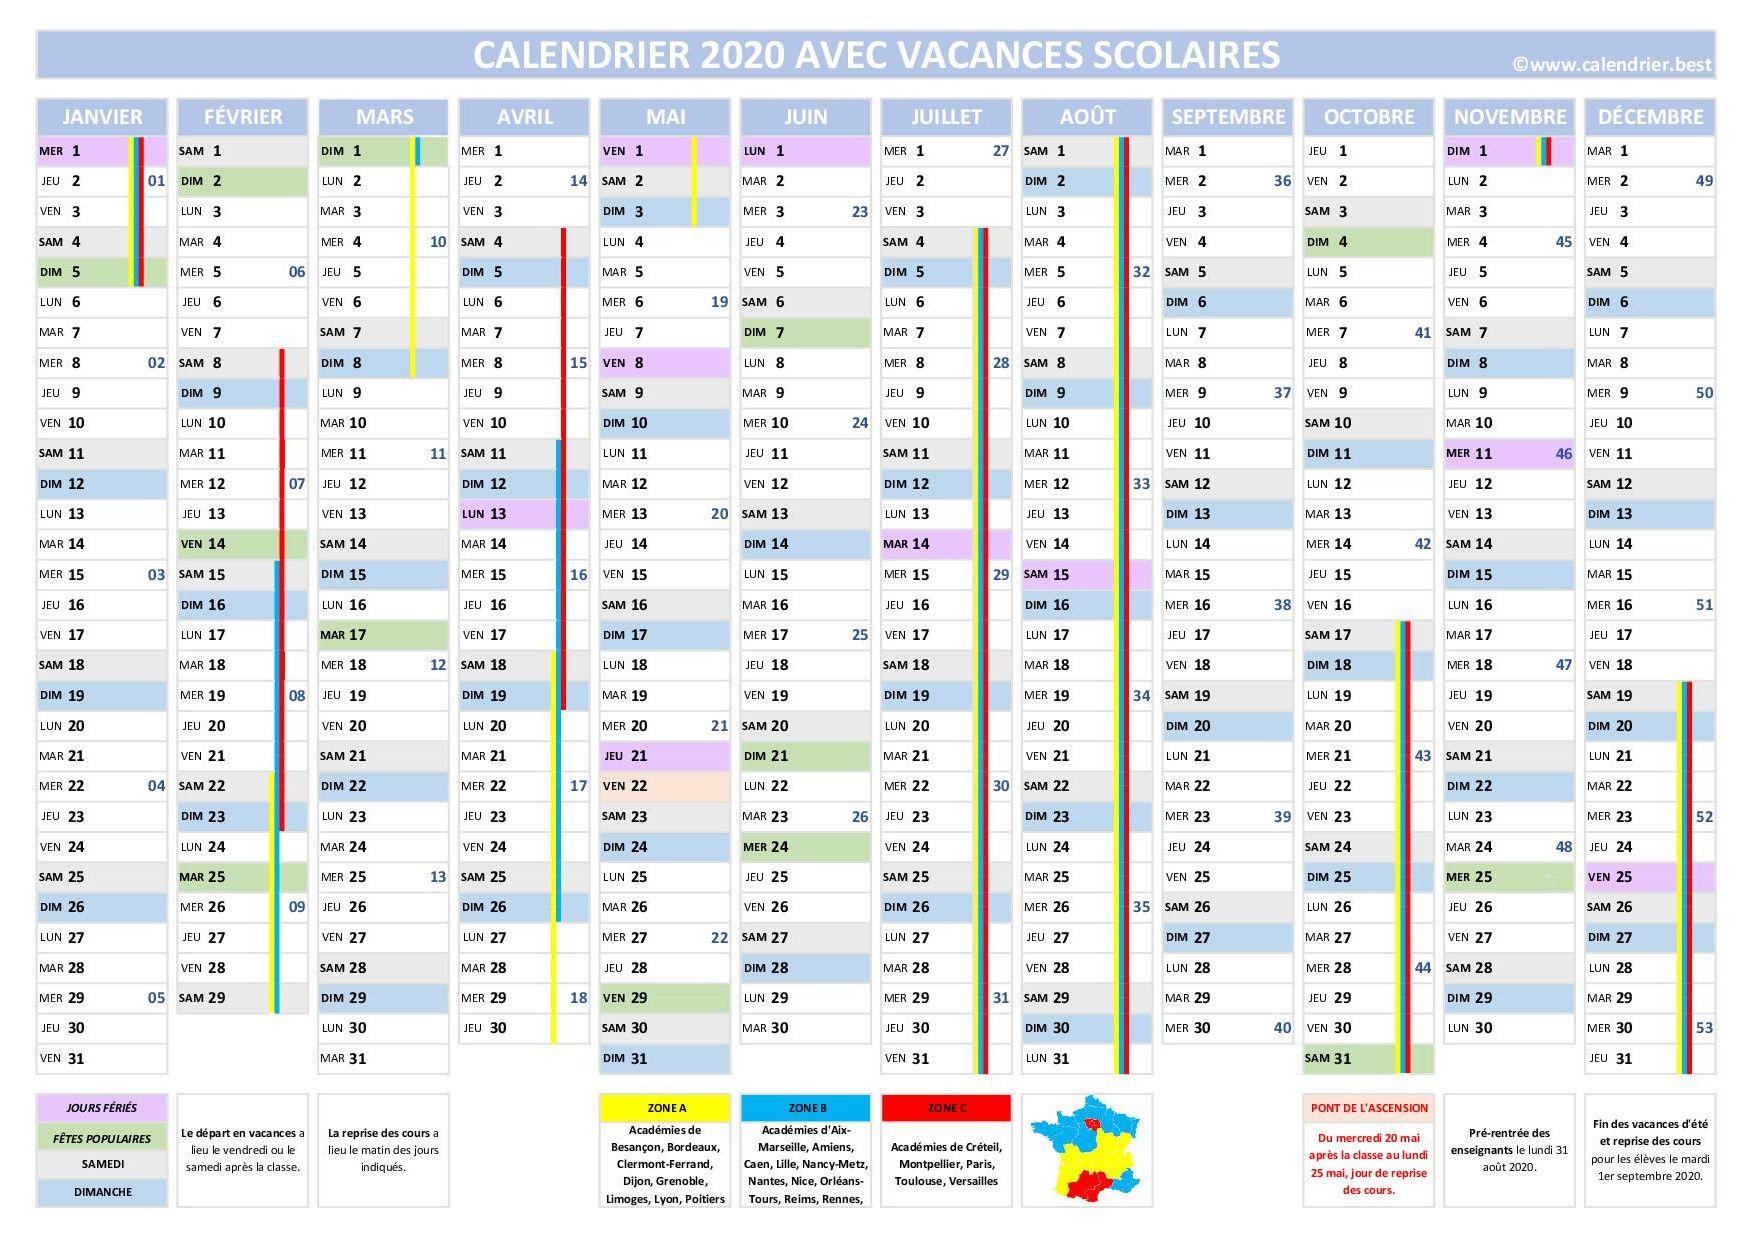 Calendrier 2021 Gratuit à Imprimer Avec Vacances Scolaires Calendrier 2020 avec vacances scolaires | Calendrier vacances